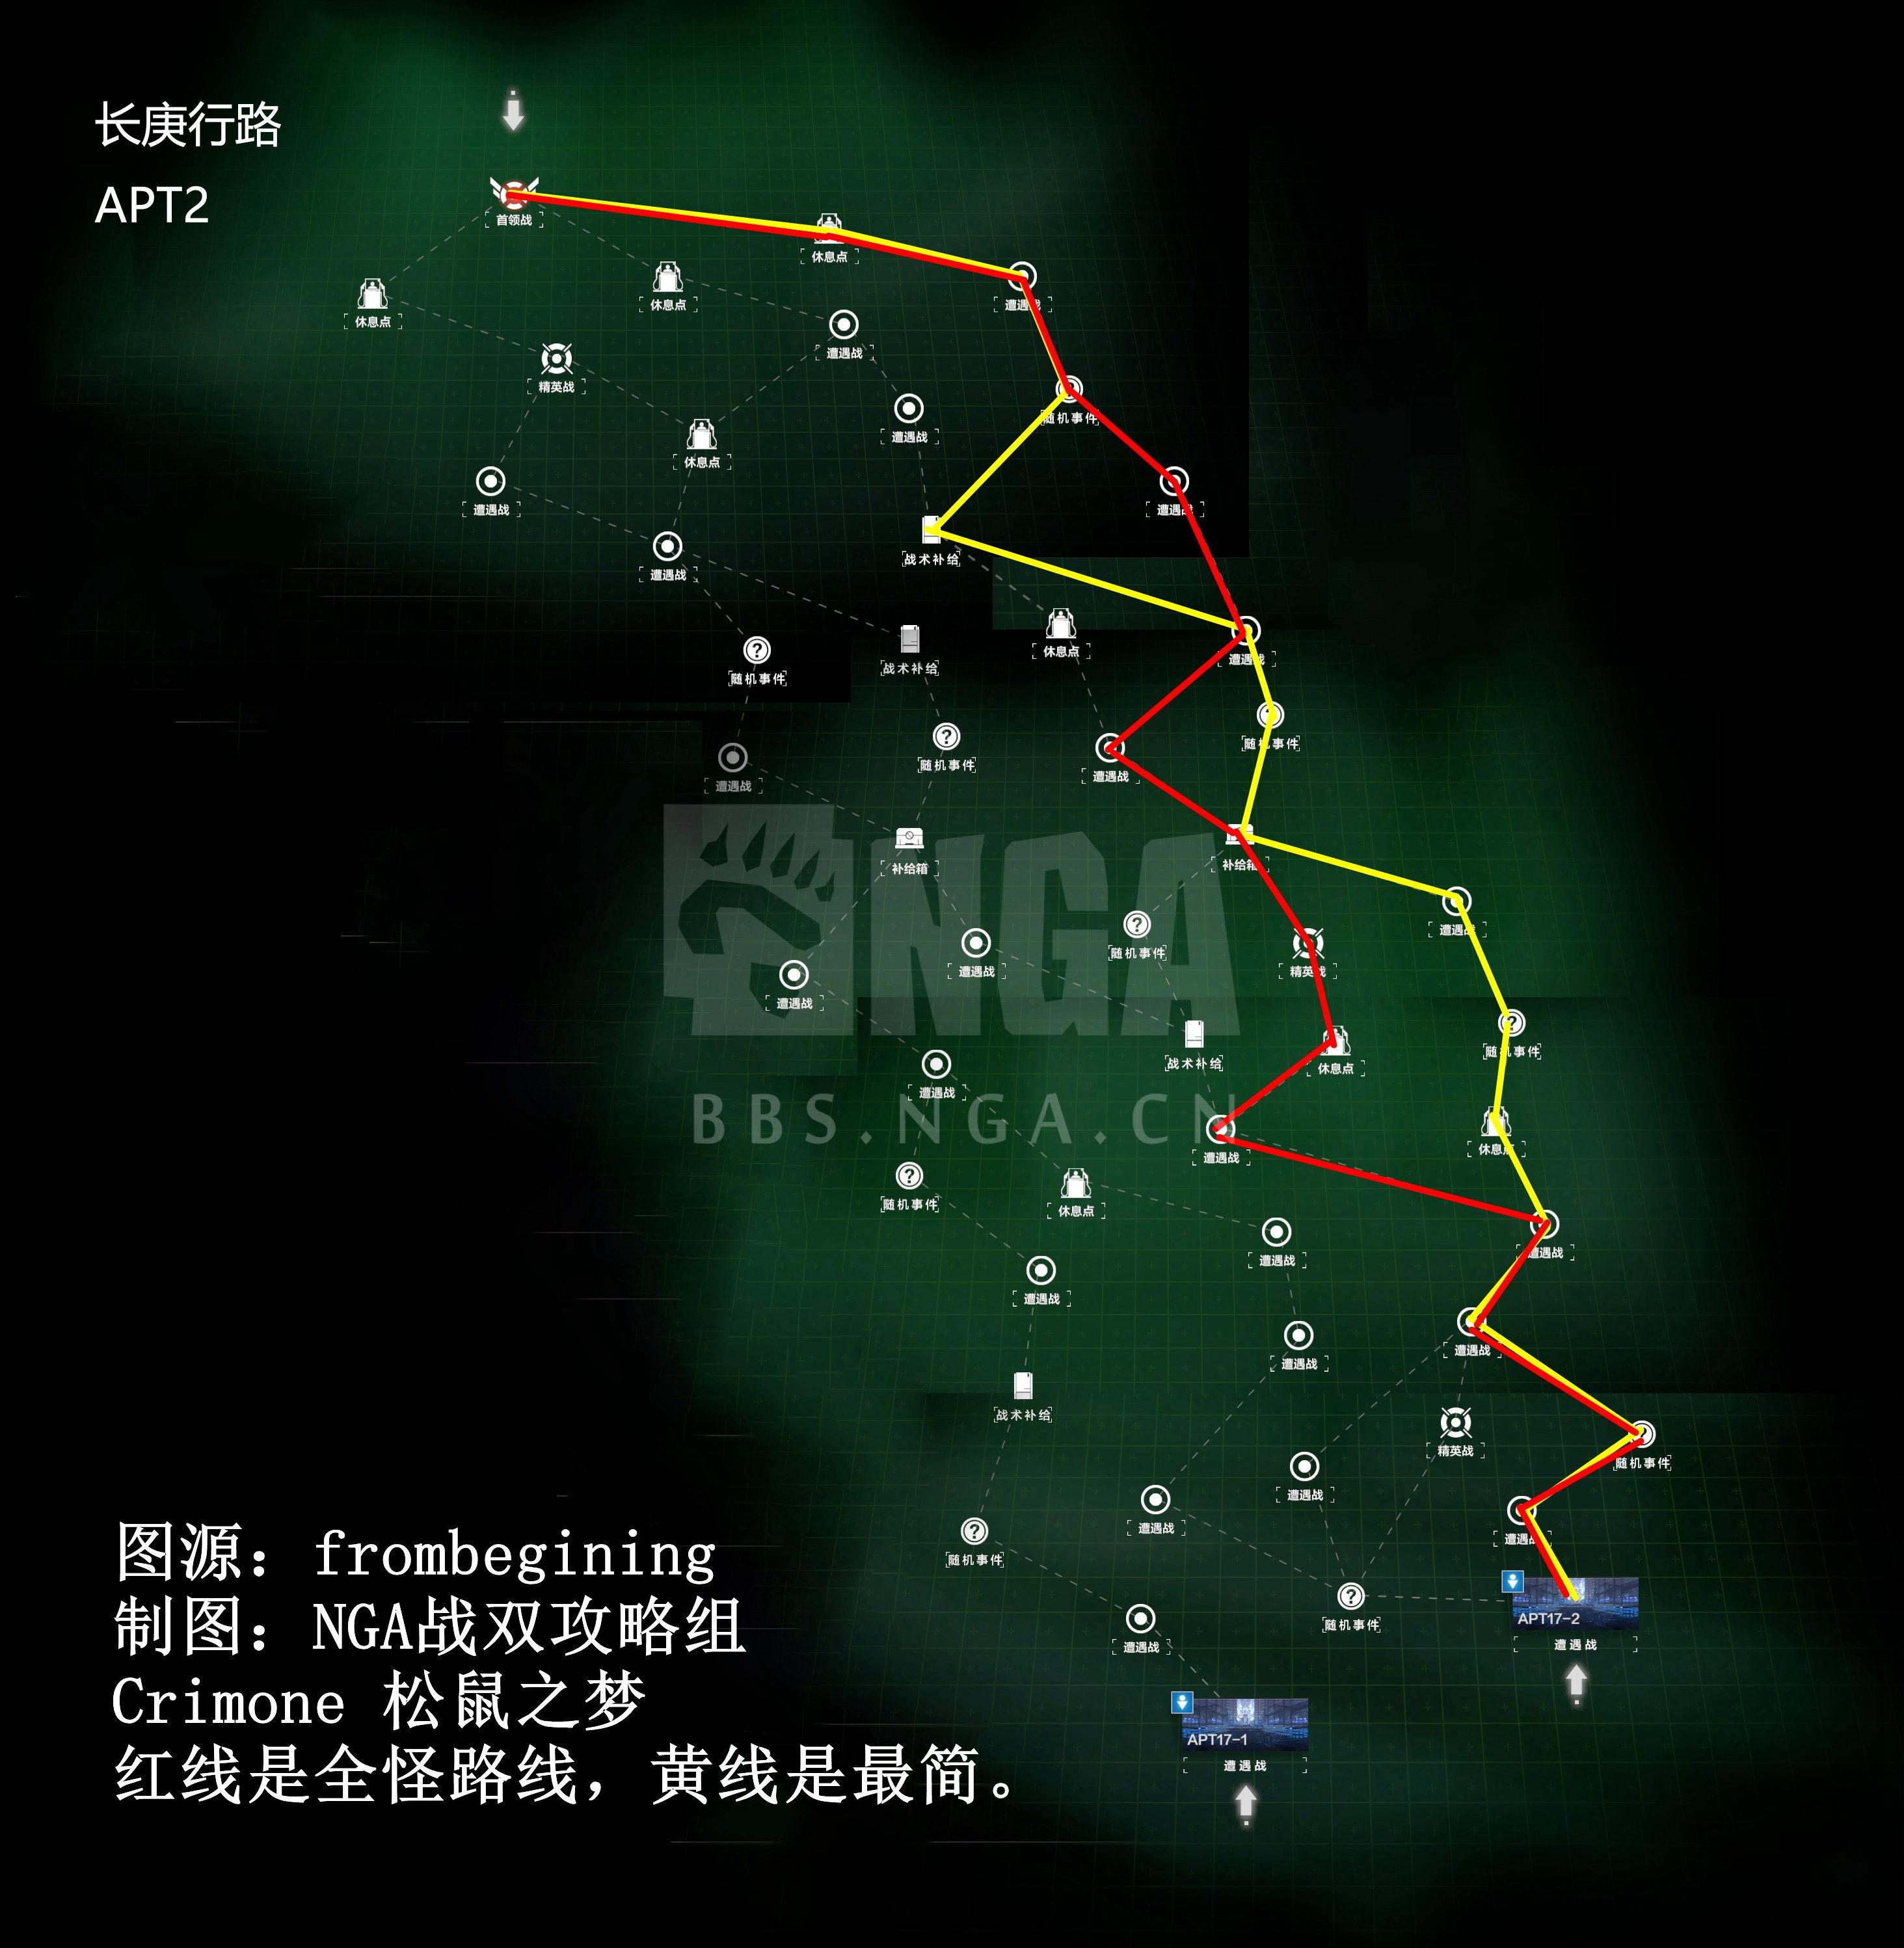 战双帕弥什长庚行路第二张图路线大全 第二张图路线怎么走